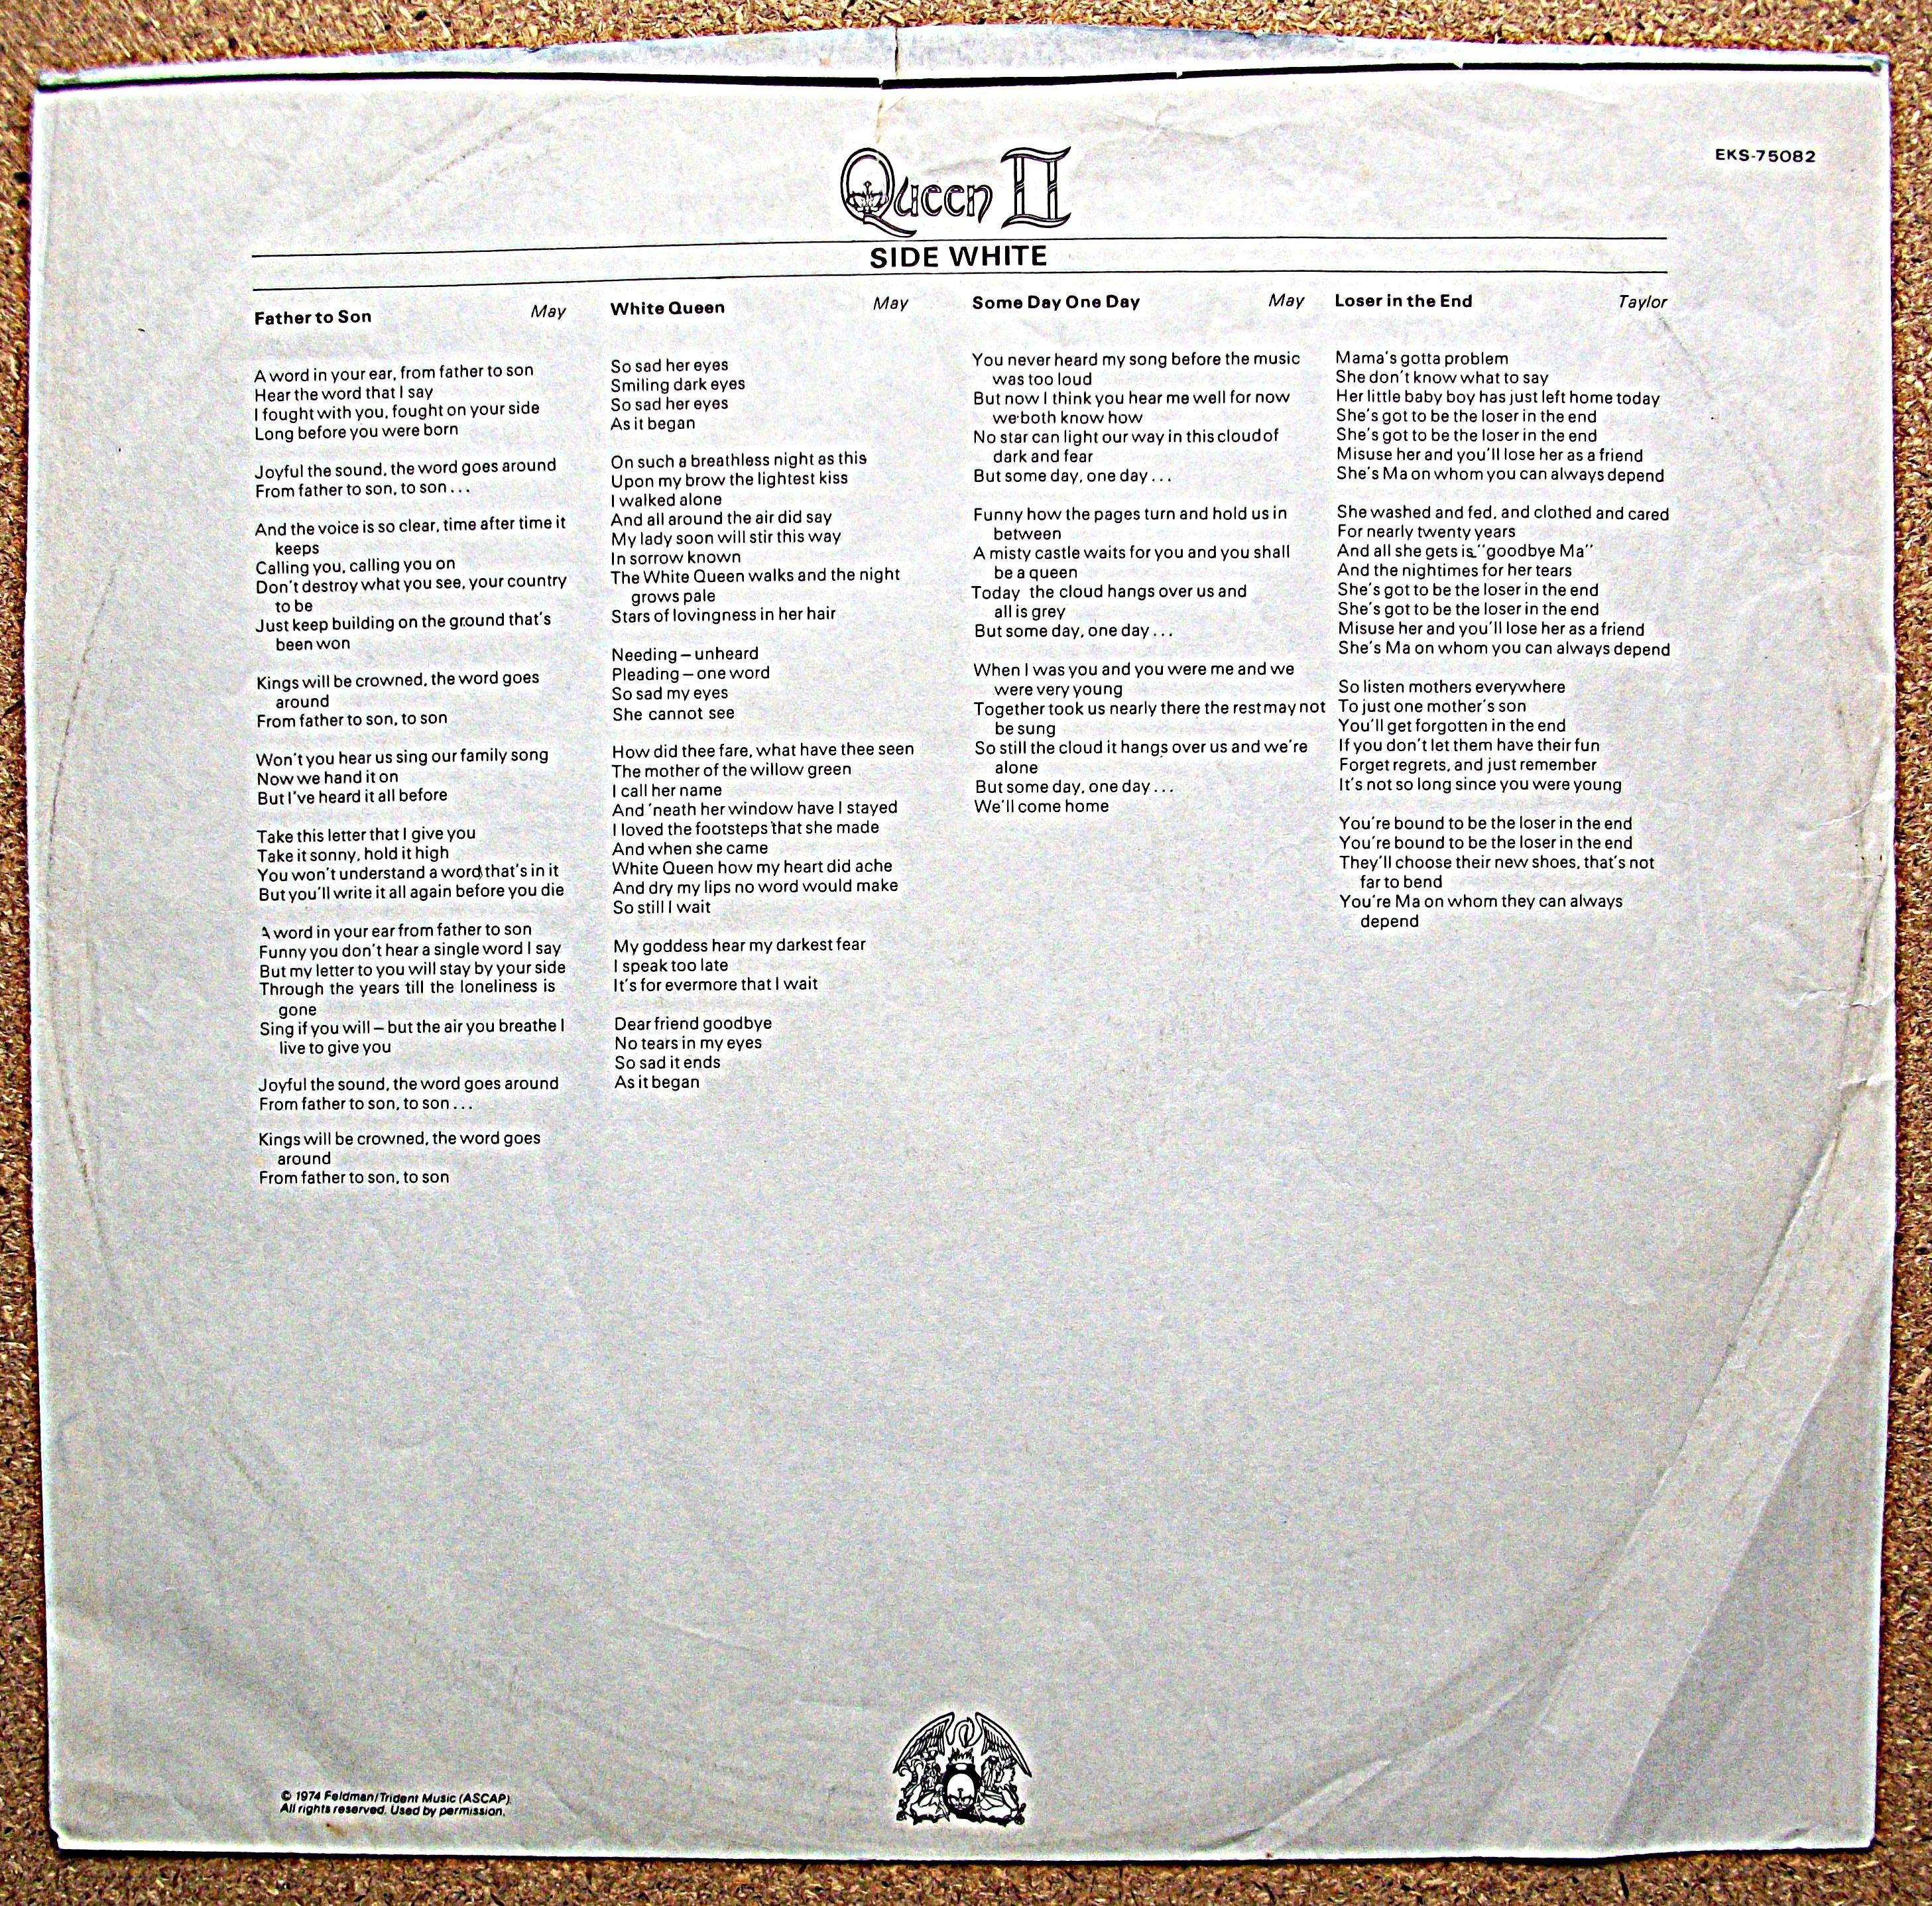 SINISTER VINYL COLLECTION: QUEEN – QUEEN II (1974